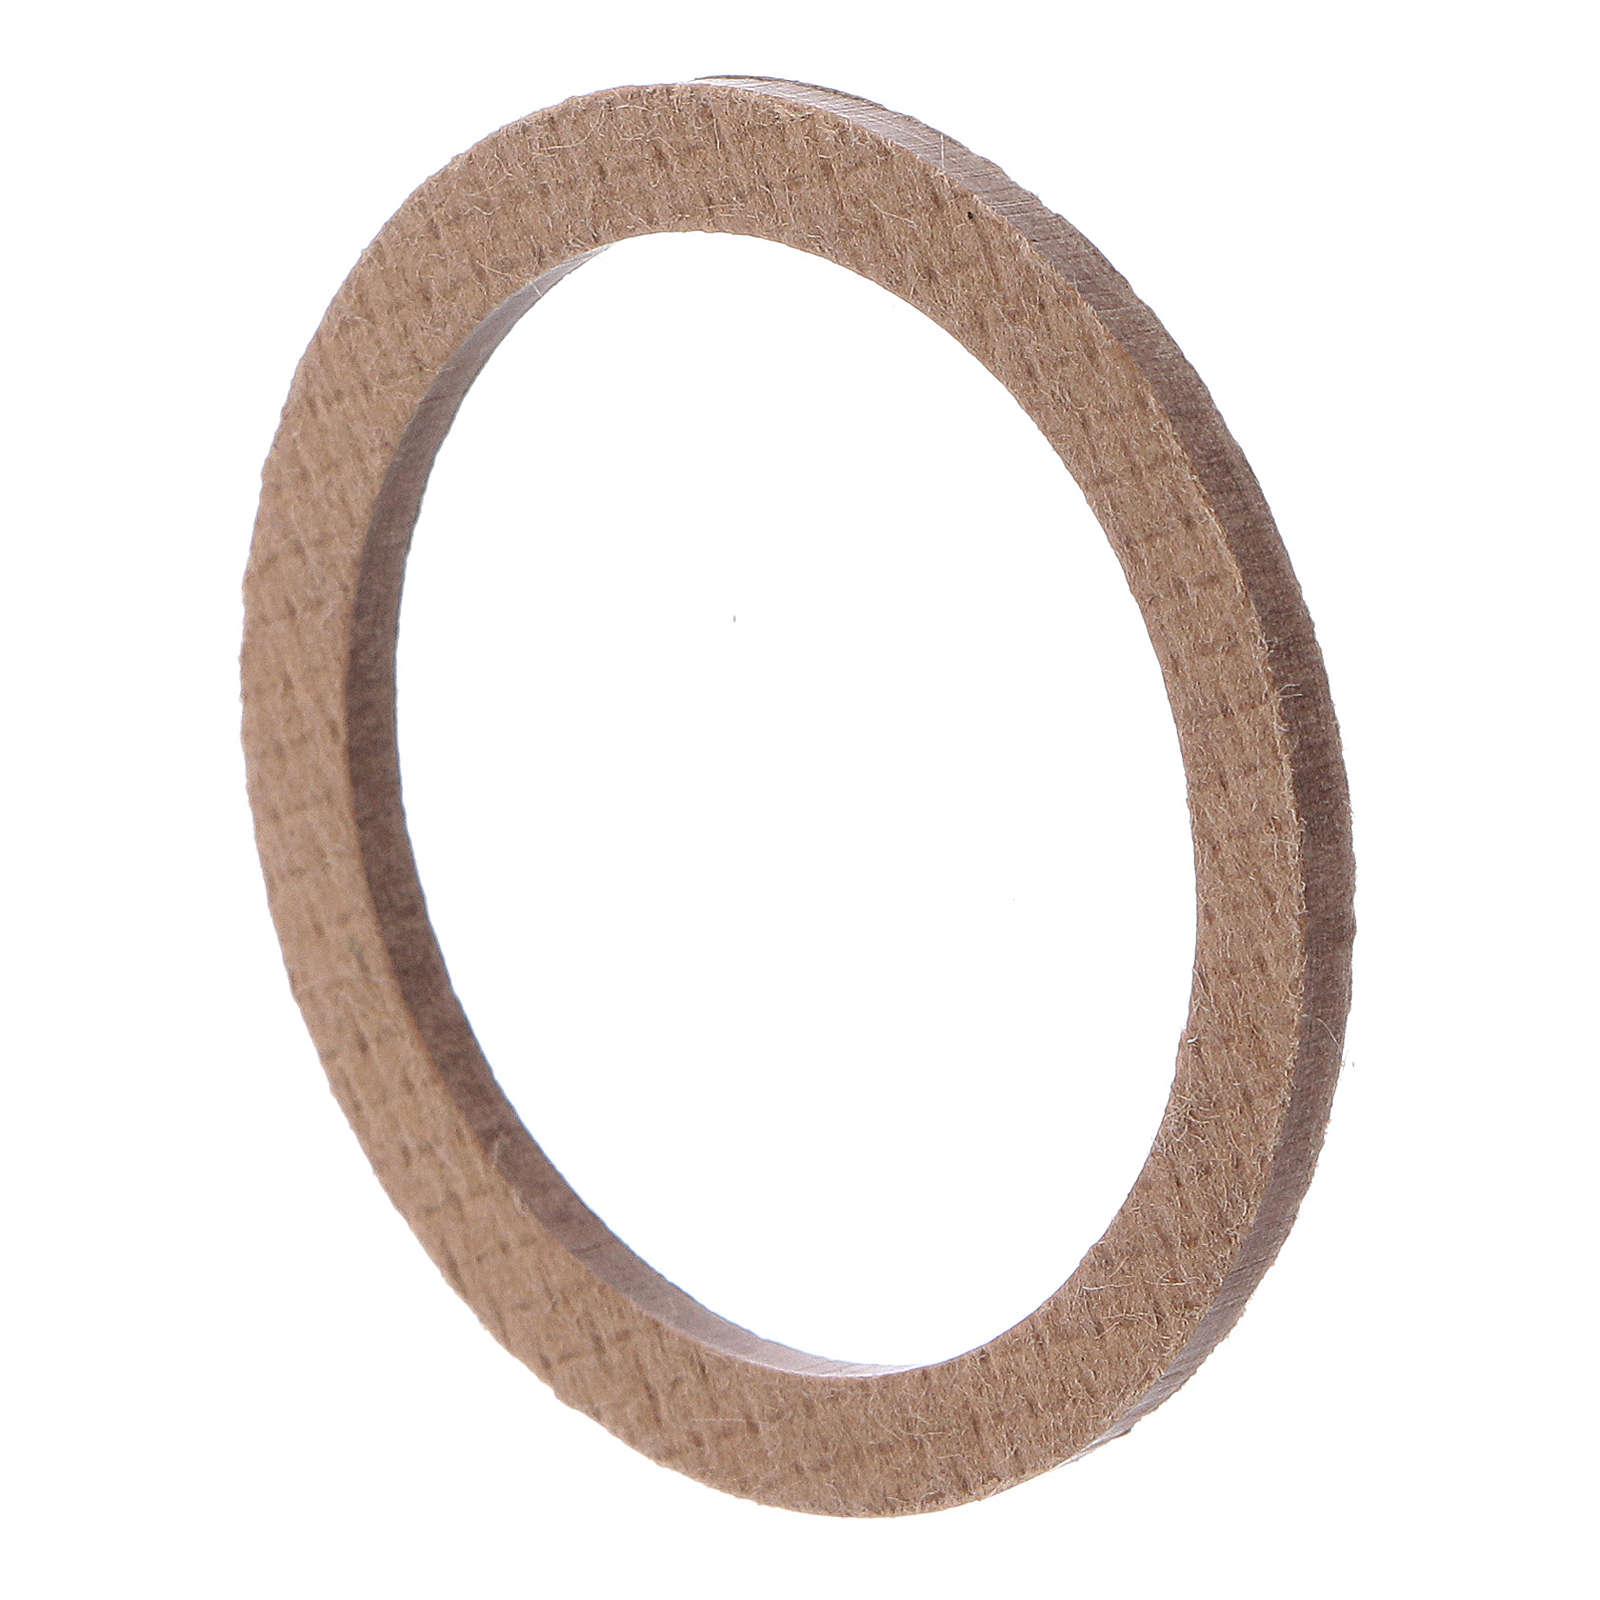 Junta aislante diámetro 4 cm para PC004006-PC004008 3